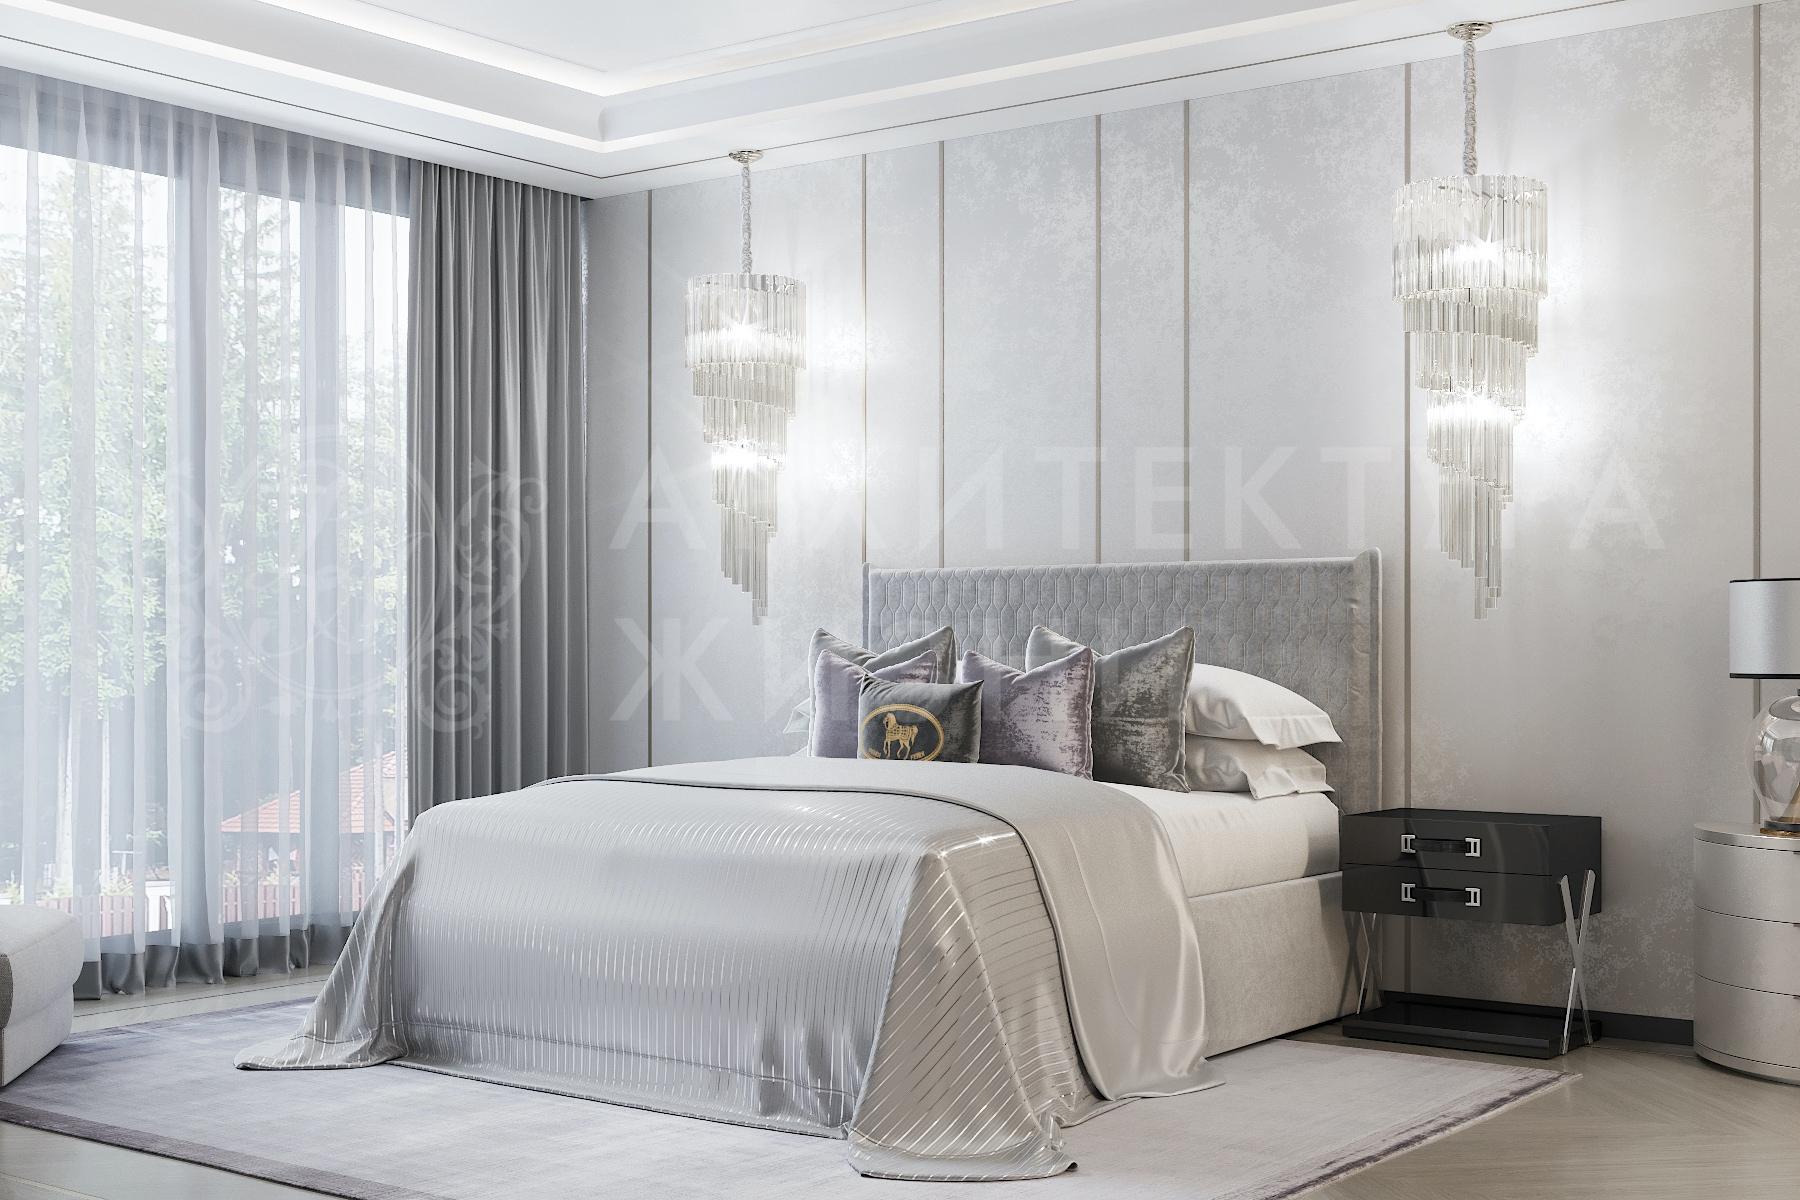 BedroomVid3_v2.jpg